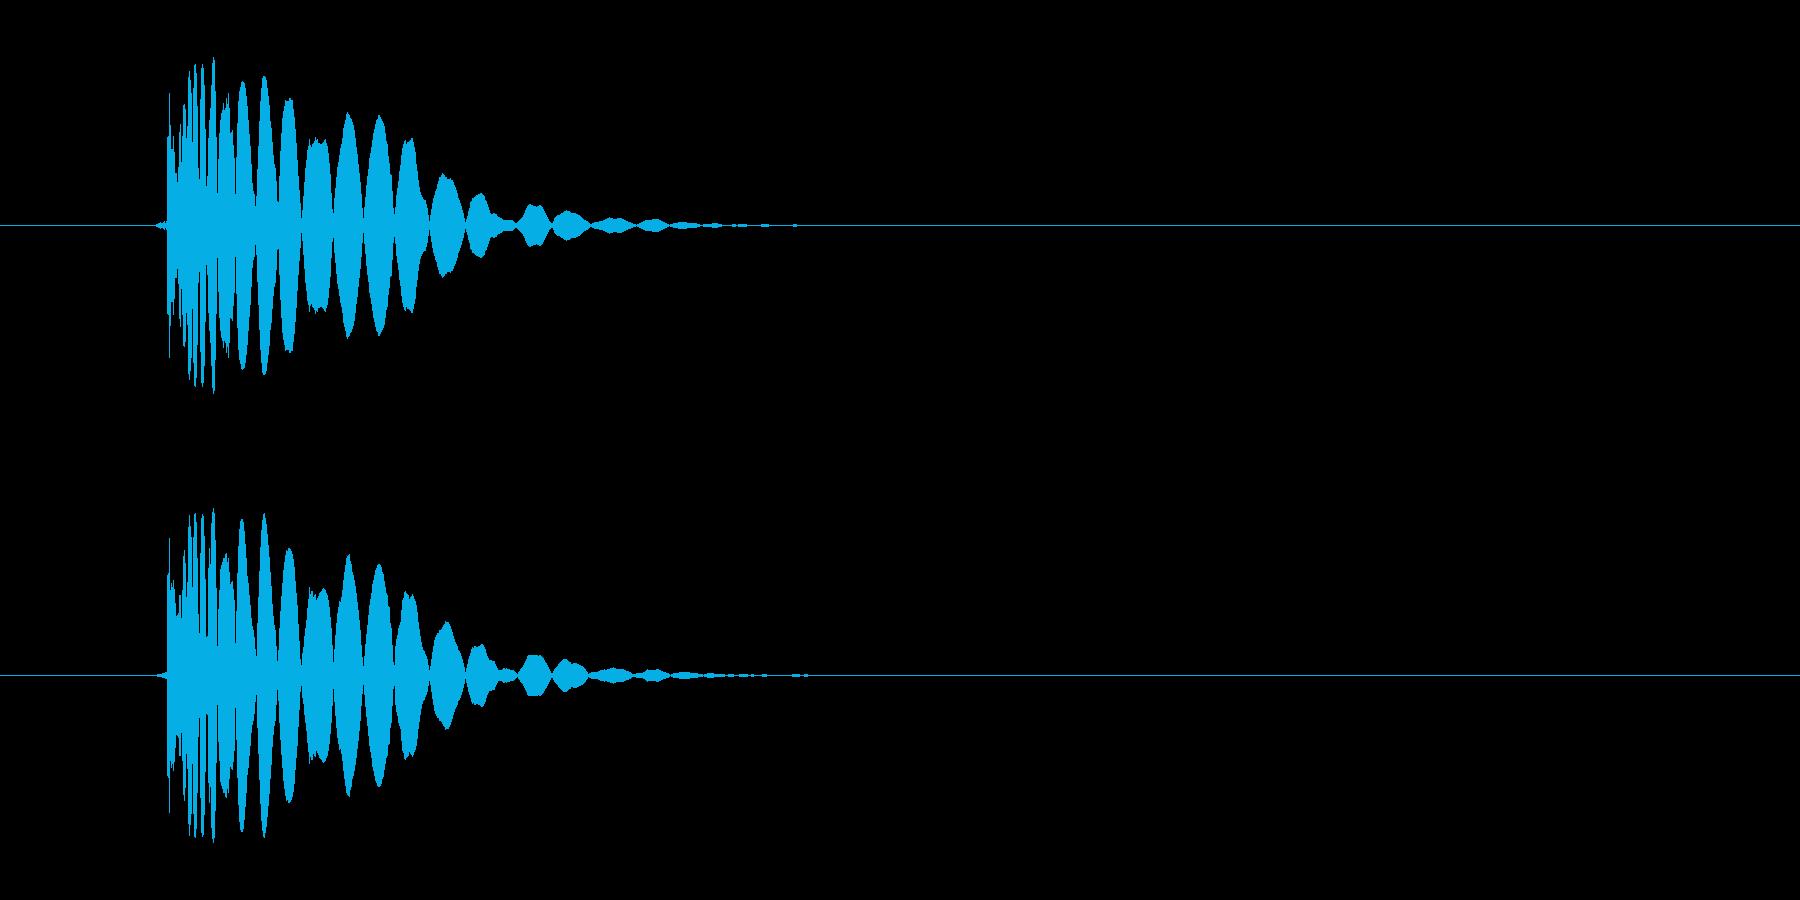 ヒット音(蹴る-7 打撃のインパクト音)の再生済みの波形